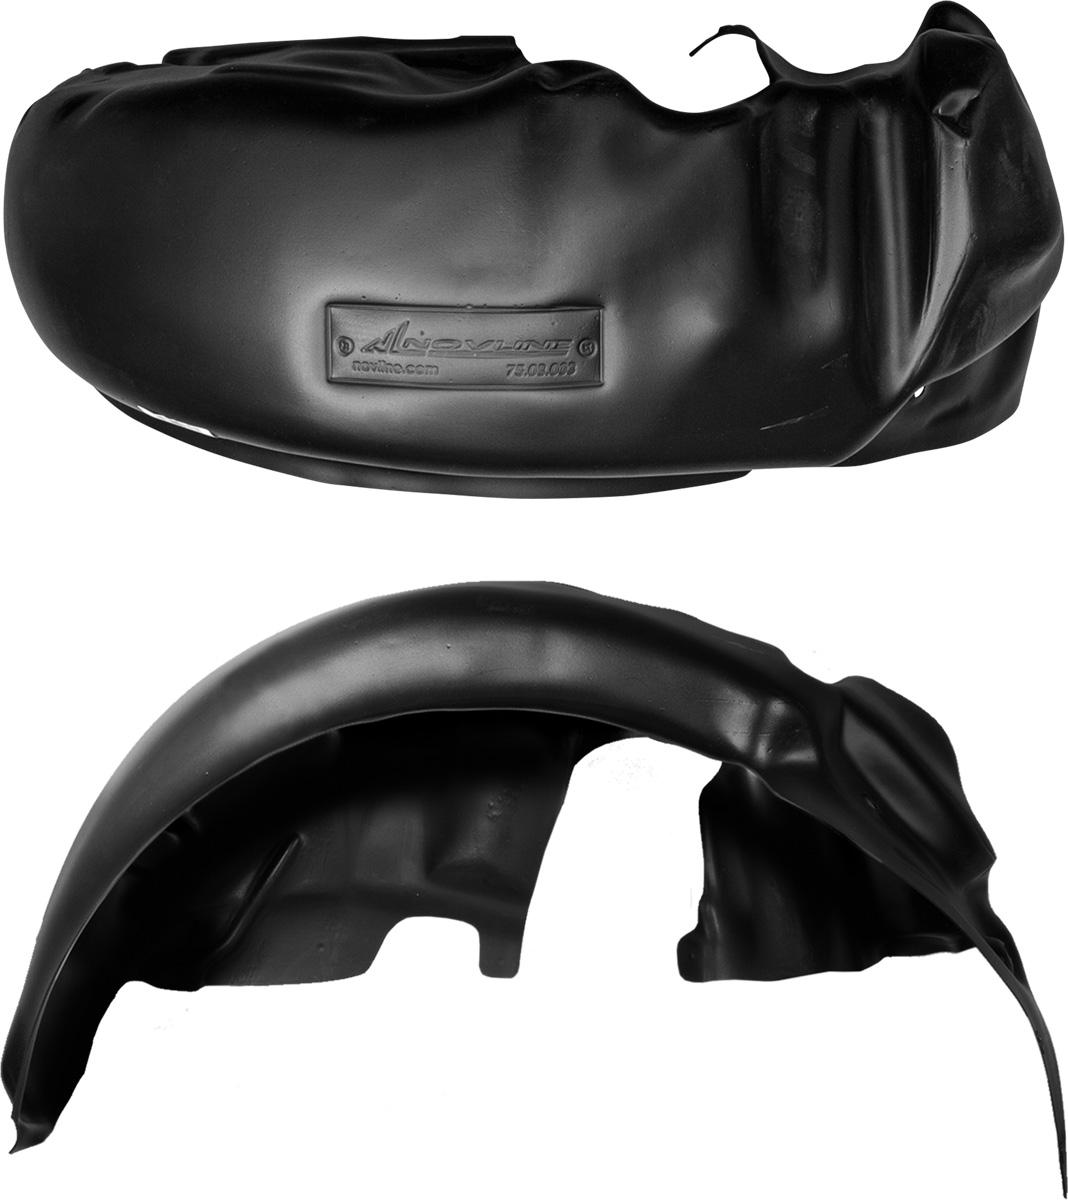 Подкрылок Novline-Autofamily, для Great Wall Hover, 2006-2010, передний левыйNLL.59.04.001Колесные ниши - одни из самых уязвимых зон днища вашего автомобиля. Они постоянно подвергаются воздействию со стороны дороги. Лучшая, почти абсолютная защита для них - специально отформованные пластиковые кожухи, которые называются подкрылками. Производятся они как для отечественных моделей автомобилей, так и для иномарок. Подкрылки Novline-Autofamily выполнены из высококачественного, экологически чистого пластика. Обеспечивают надежную защиту кузова автомобиля от пескоструйного эффекта и негативного влияния, агрессивных антигололедных реагентов. Пластик обладает более низкой теплопроводностью, чем металл, поэтому в зимний период эксплуатации использование пластиковых подкрылков позволяет лучше защитить колесные ниши от налипания снега и образования наледи. Оригинальность конструкции подчеркивает элегантность автомобиля, бережно защищает нанесенное на днище кузова антикоррозийное покрытие и позволяет осуществить крепление подкрылков внутри колесной арки практически без...